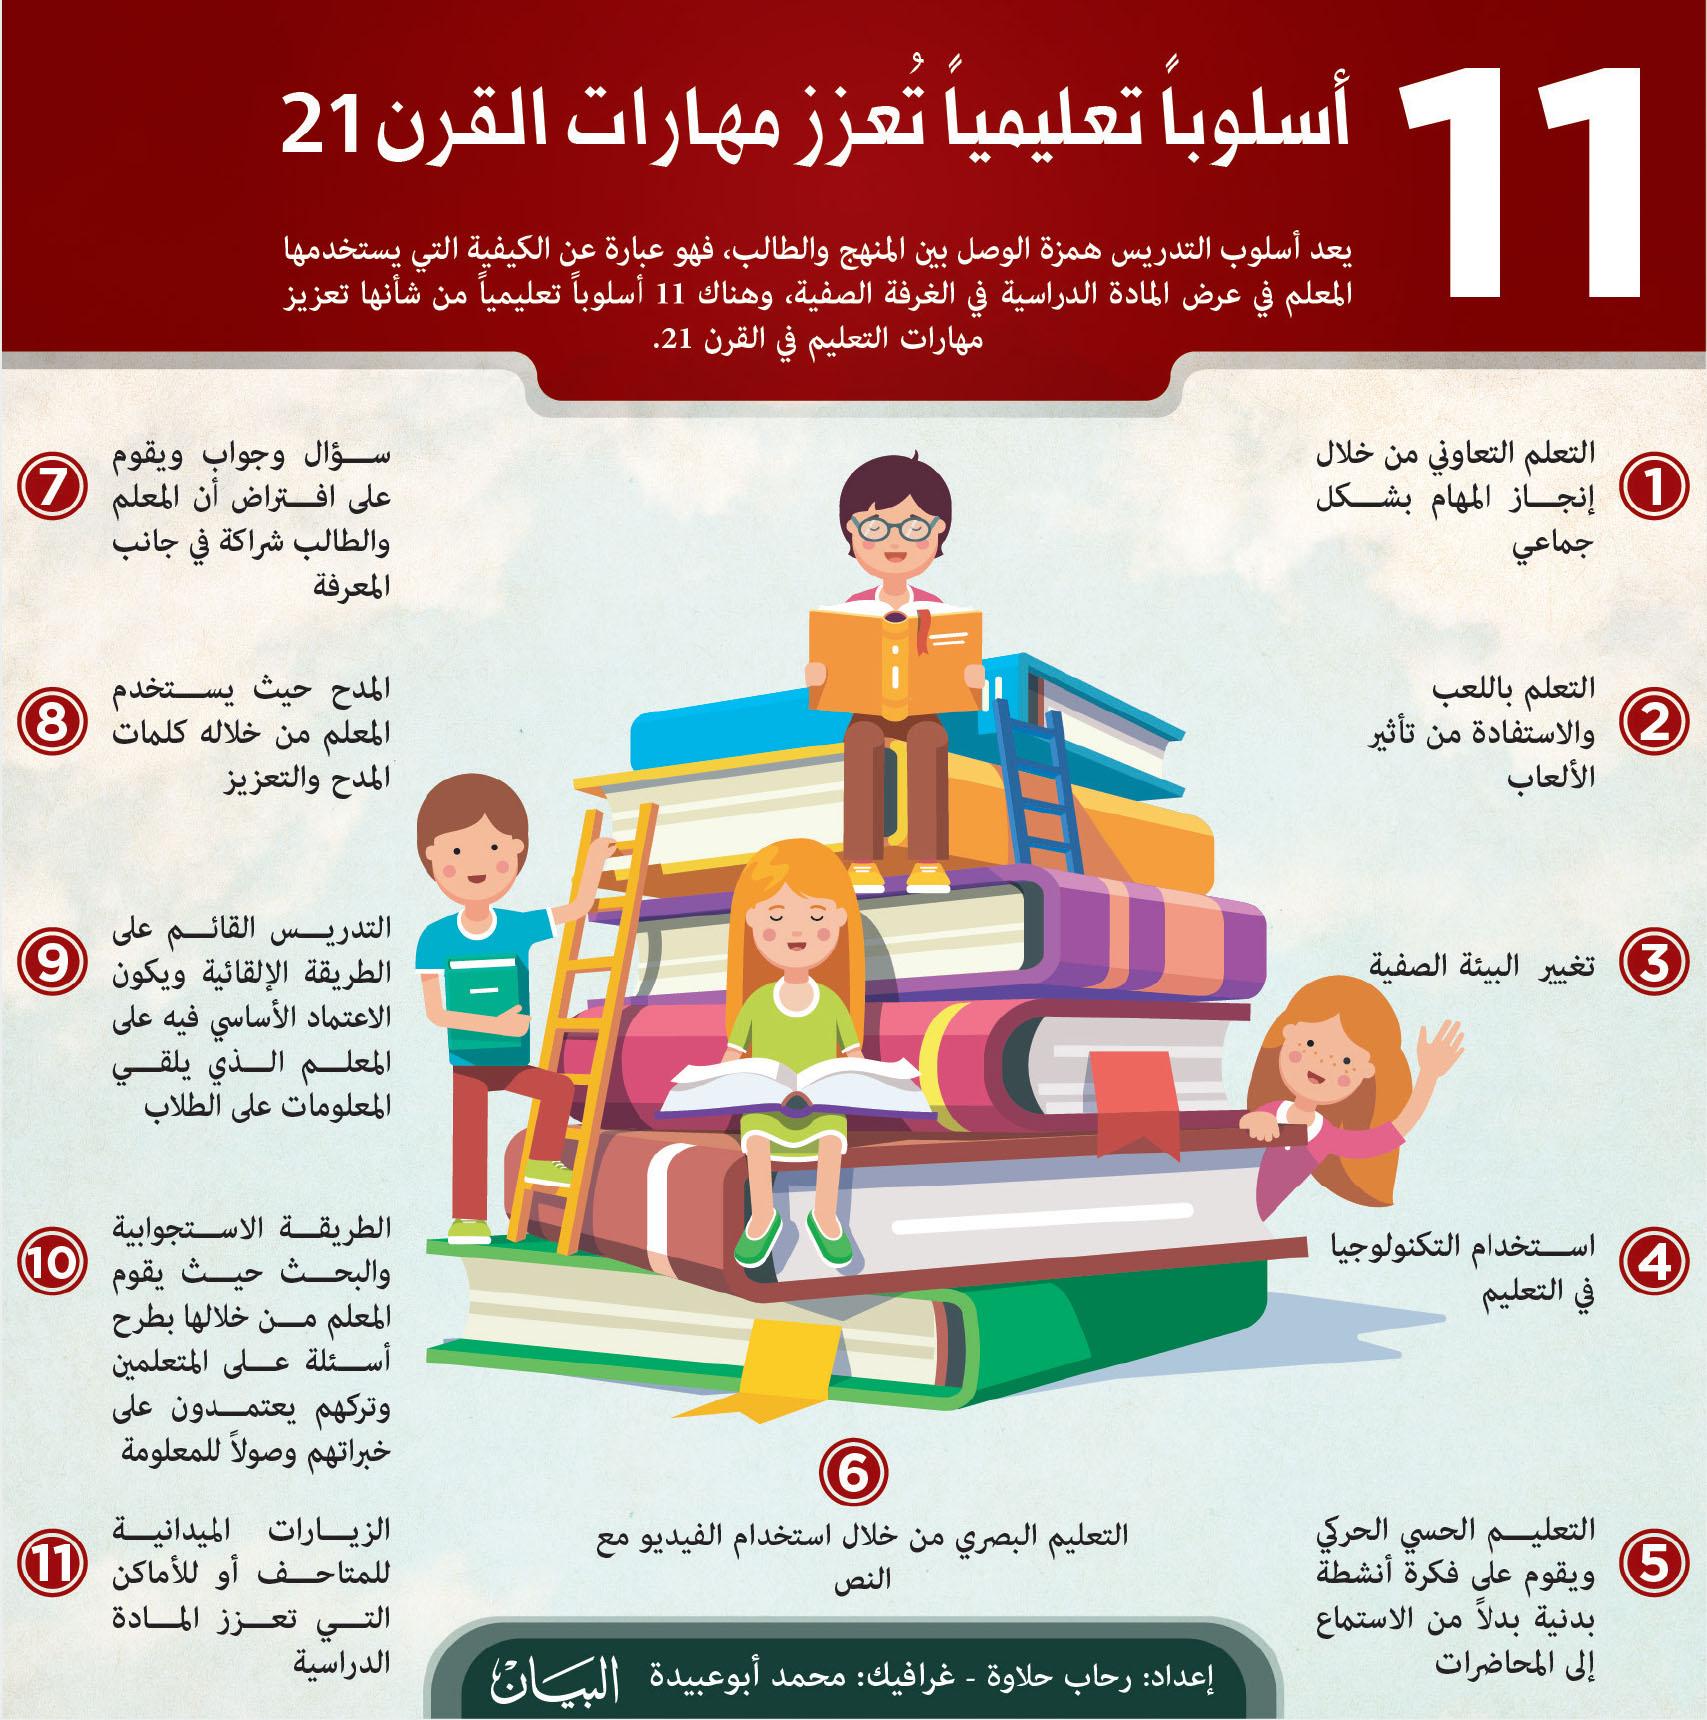 حل انشطة كتاب مهارات التعلم والتفكير